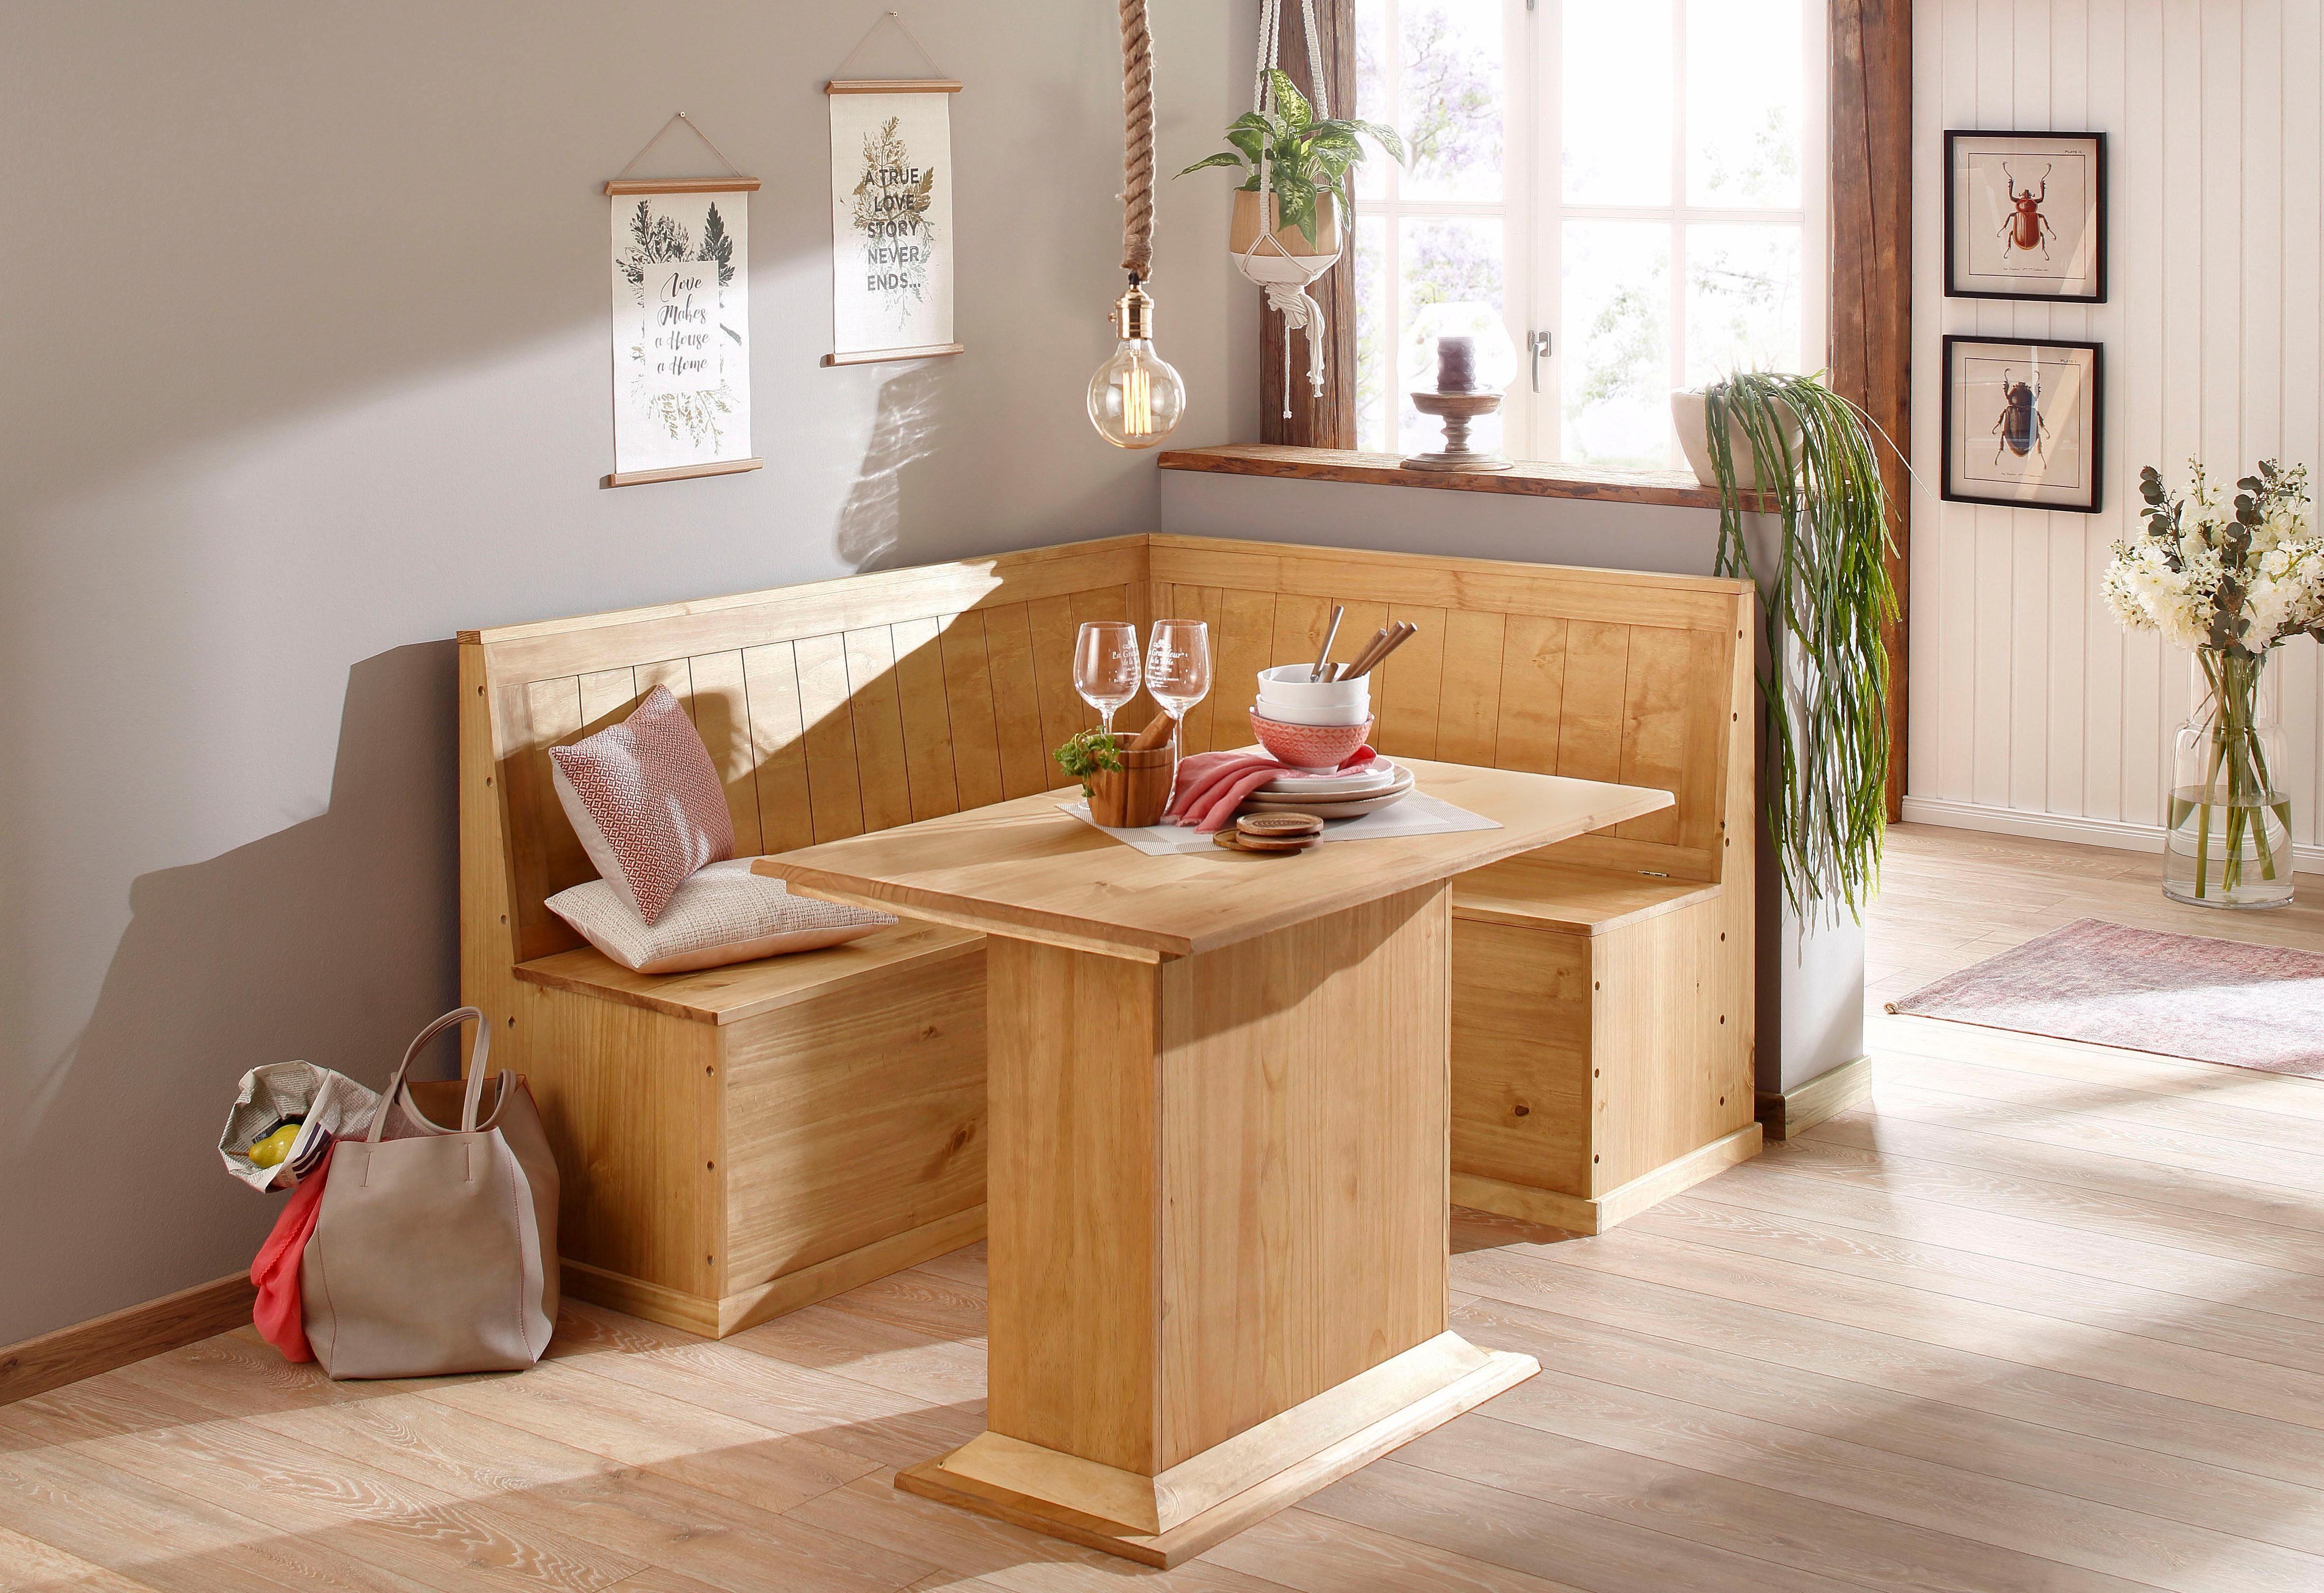 Home affaire Essgruppe »Sara«, bestehend aus Eckbank und Tisch online kaufen | OTTO